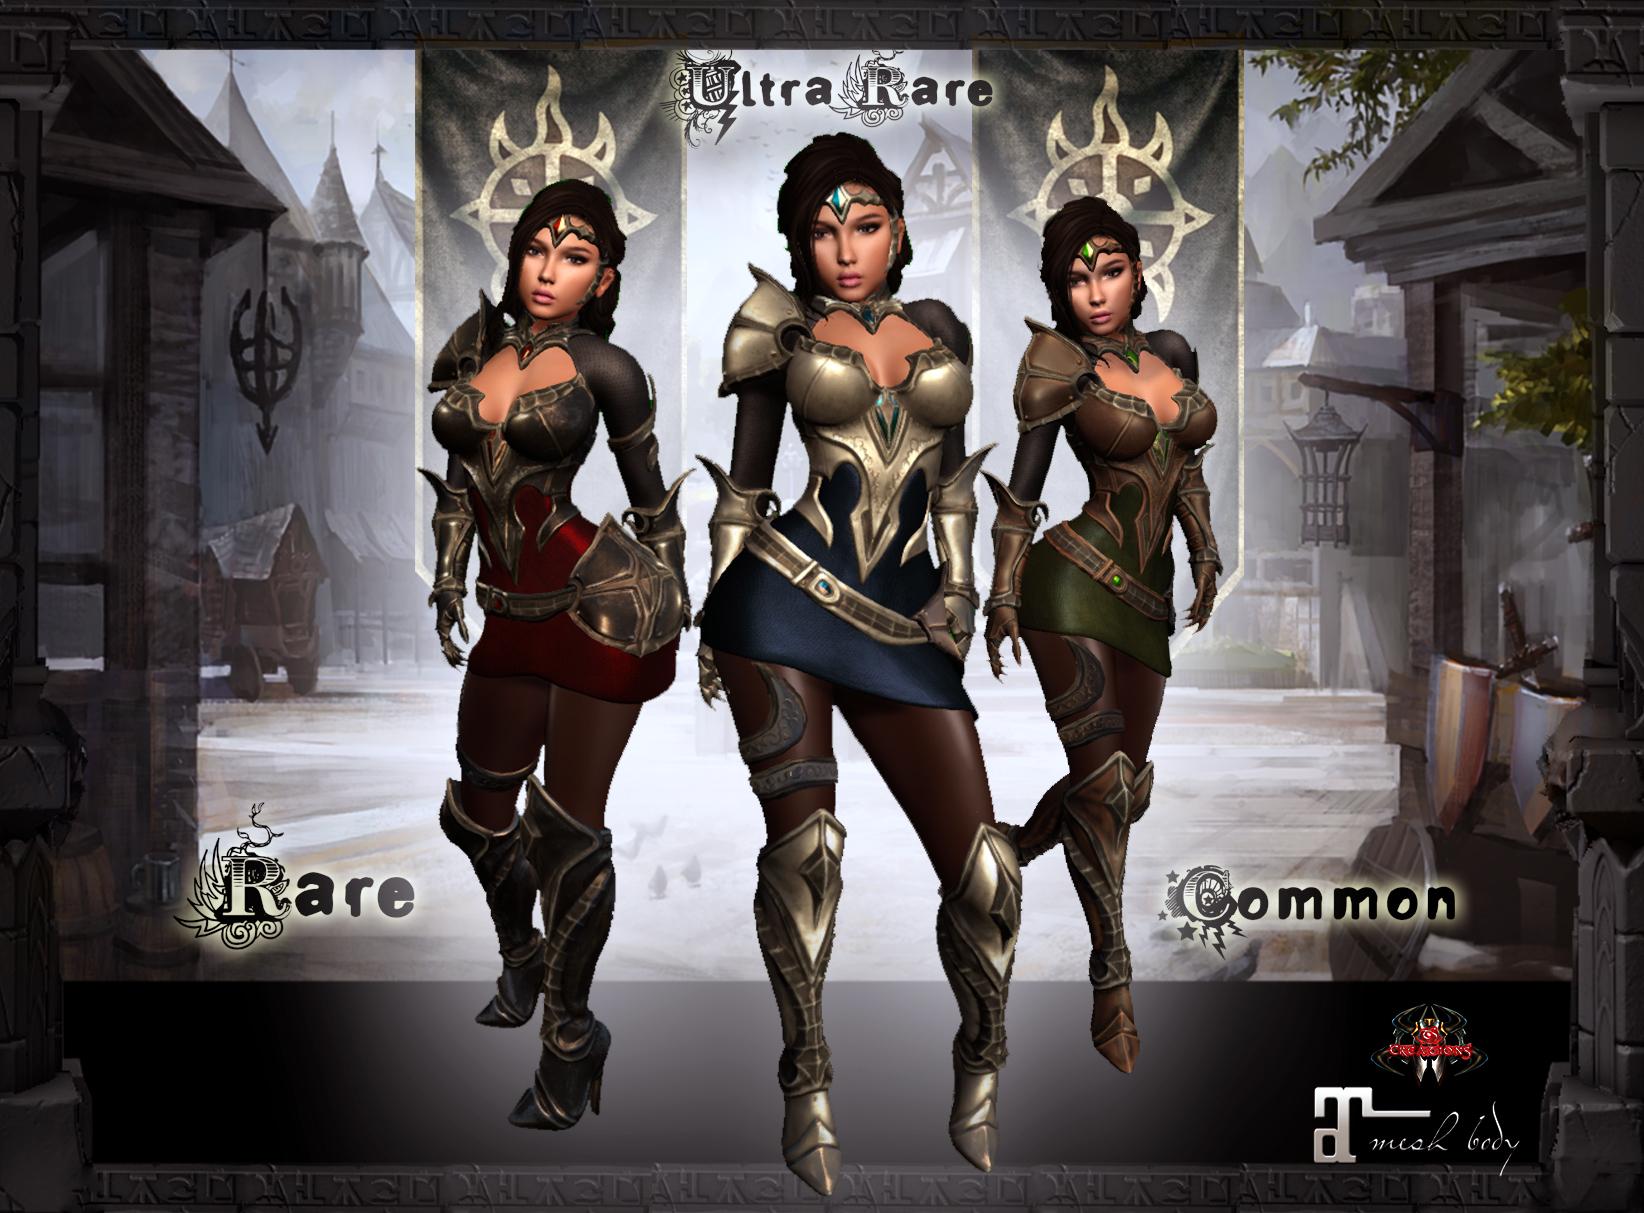 Gladiator Spiele Pc